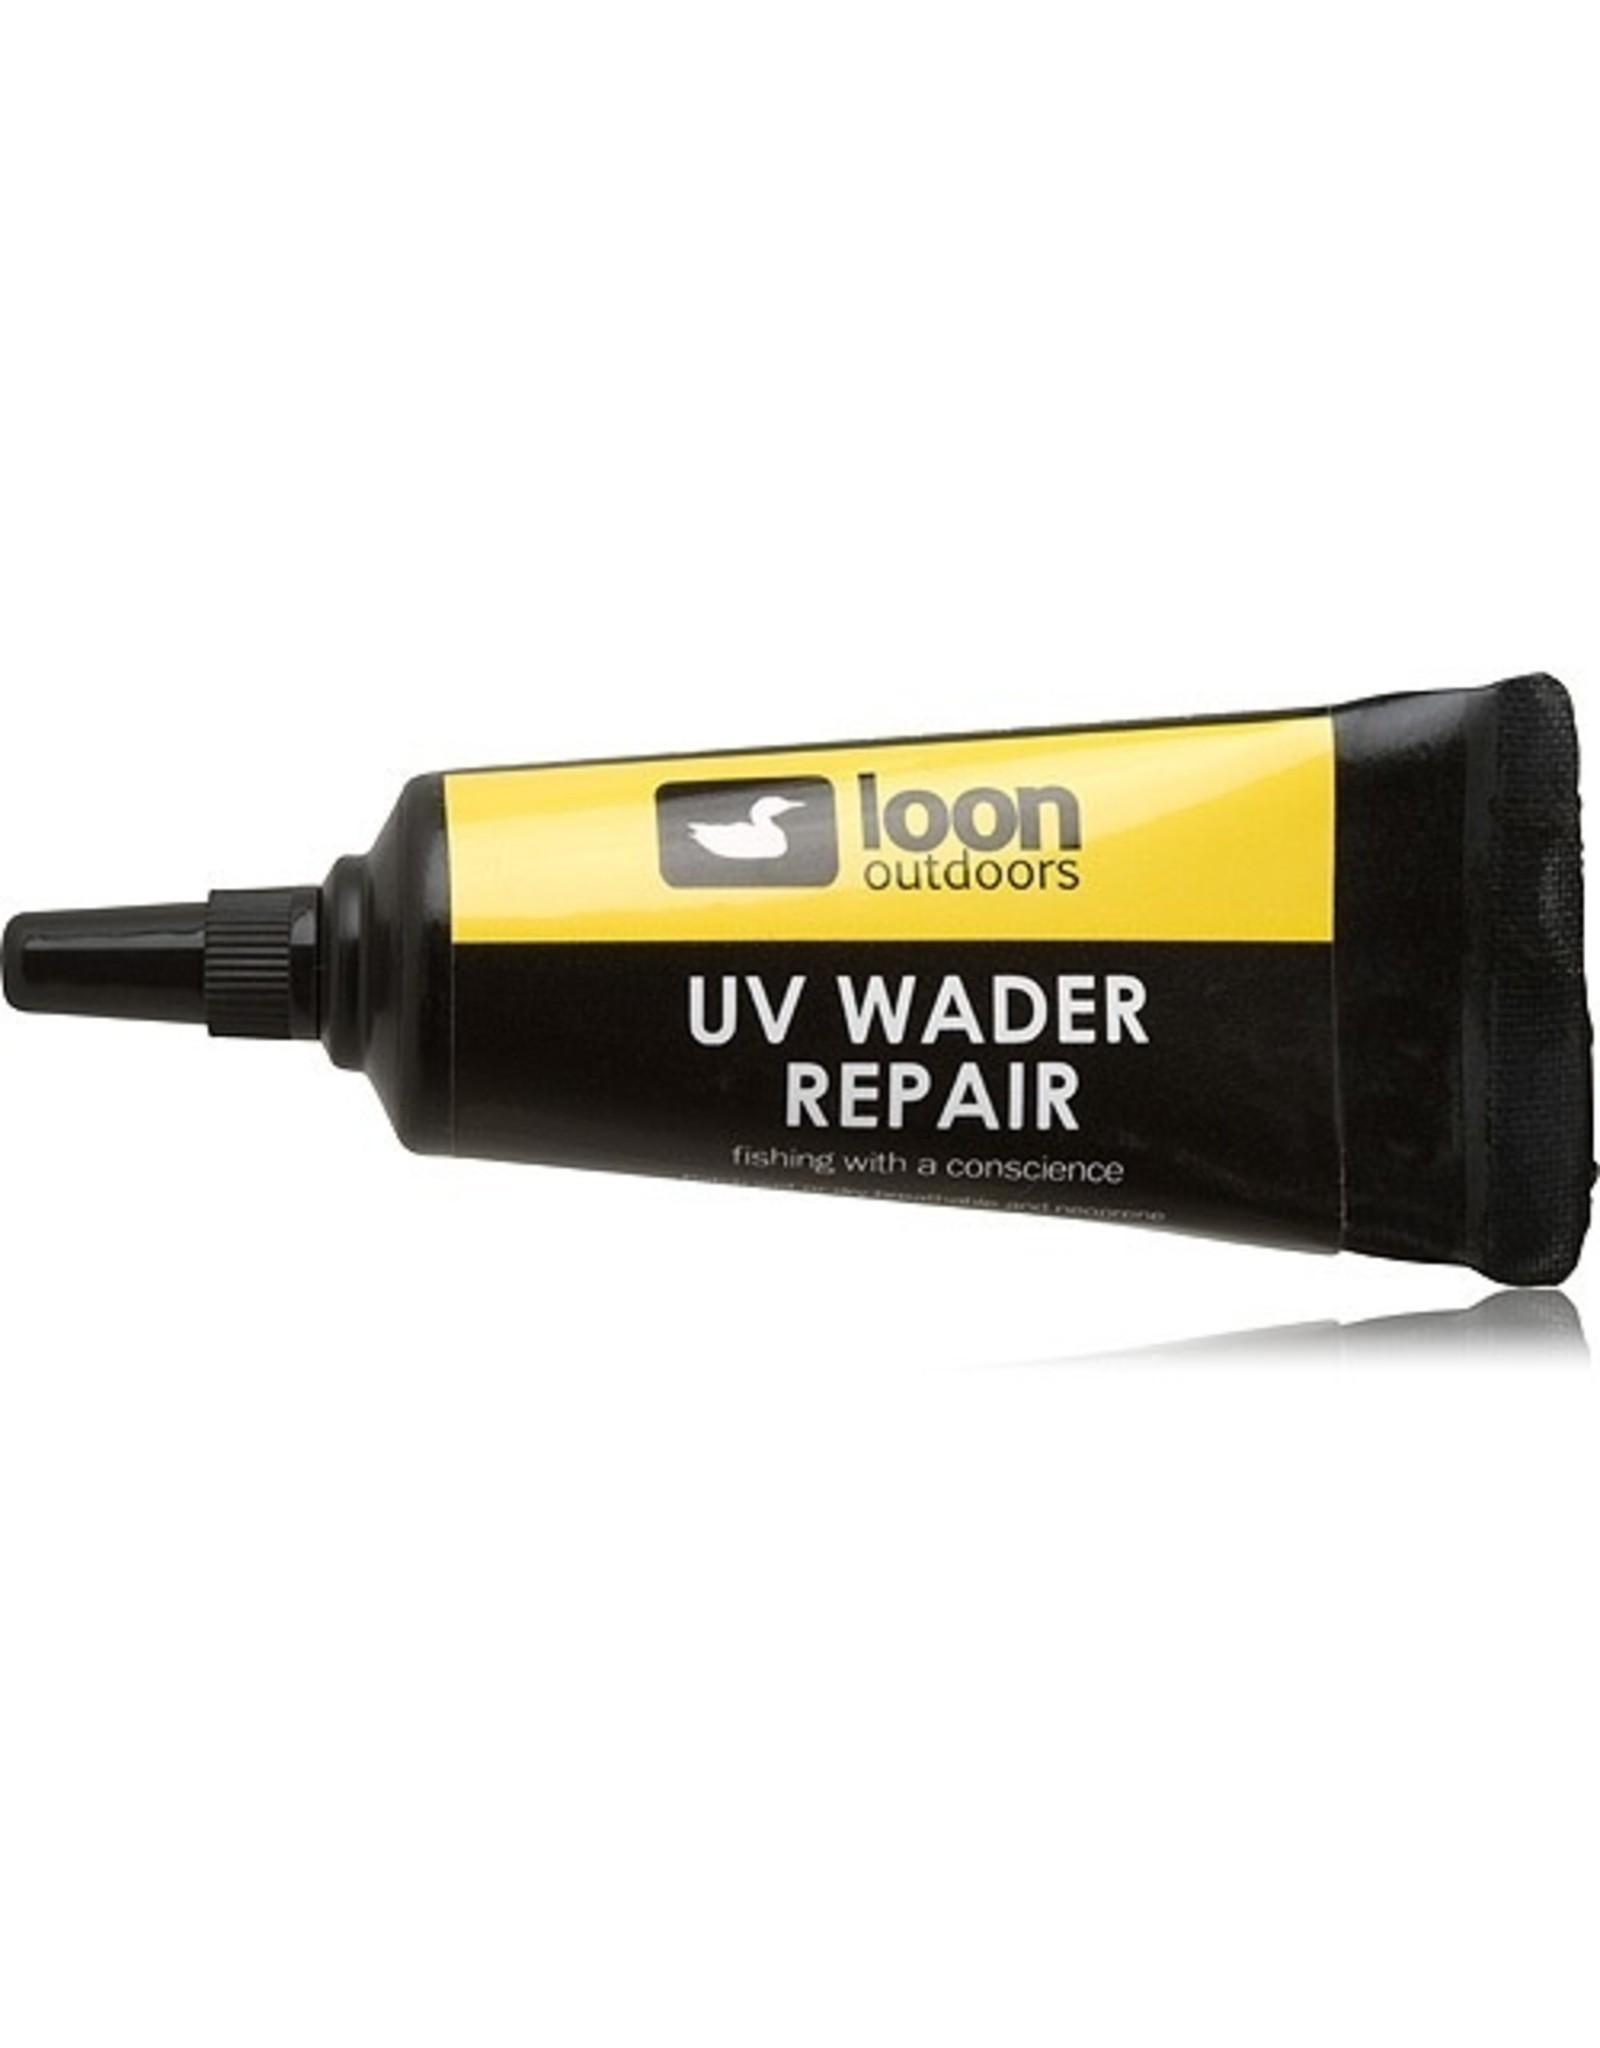 Loon UV Wader Repair